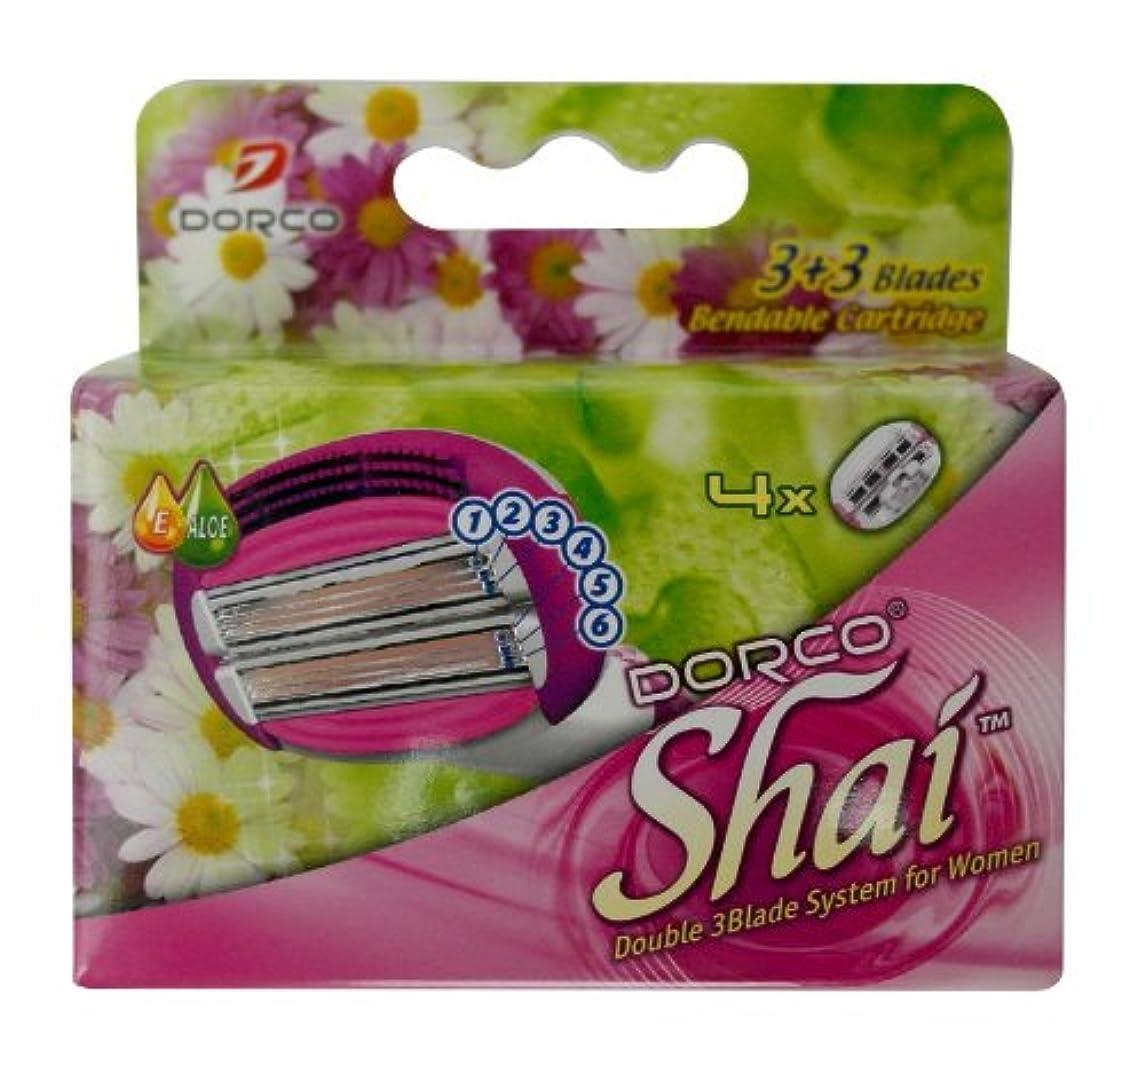 ベル素晴らしいですアルコーブDORCO ドルコ Shai3+3 女性用替刃式 カミソリ3+3枚刃 替え刃